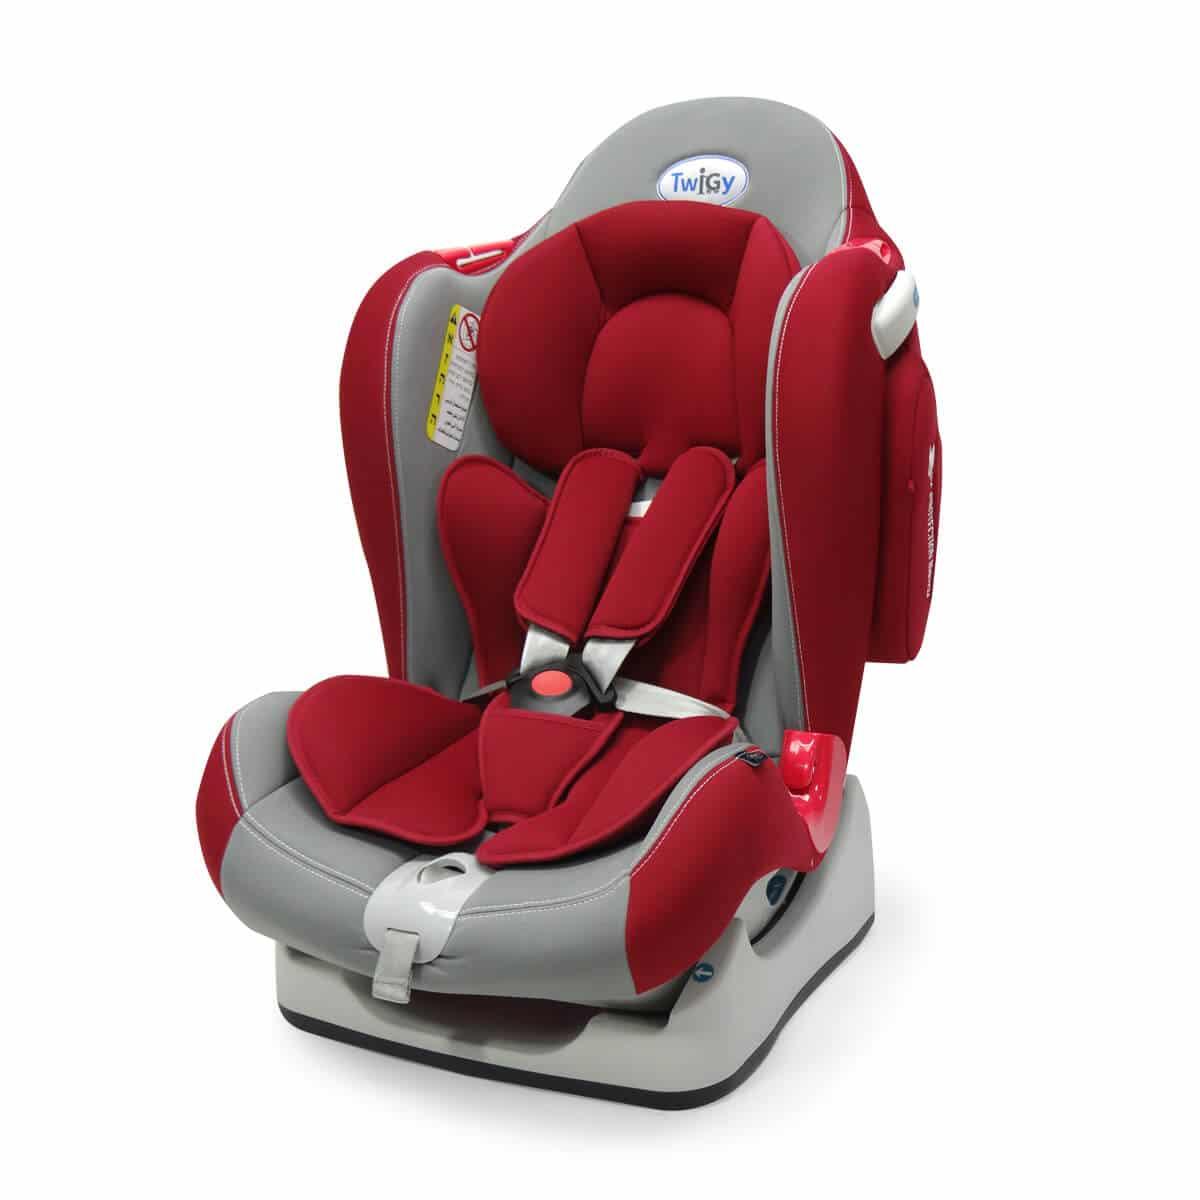 כיסא בטיחות סייפ גארד אדום-אפור טוויגי